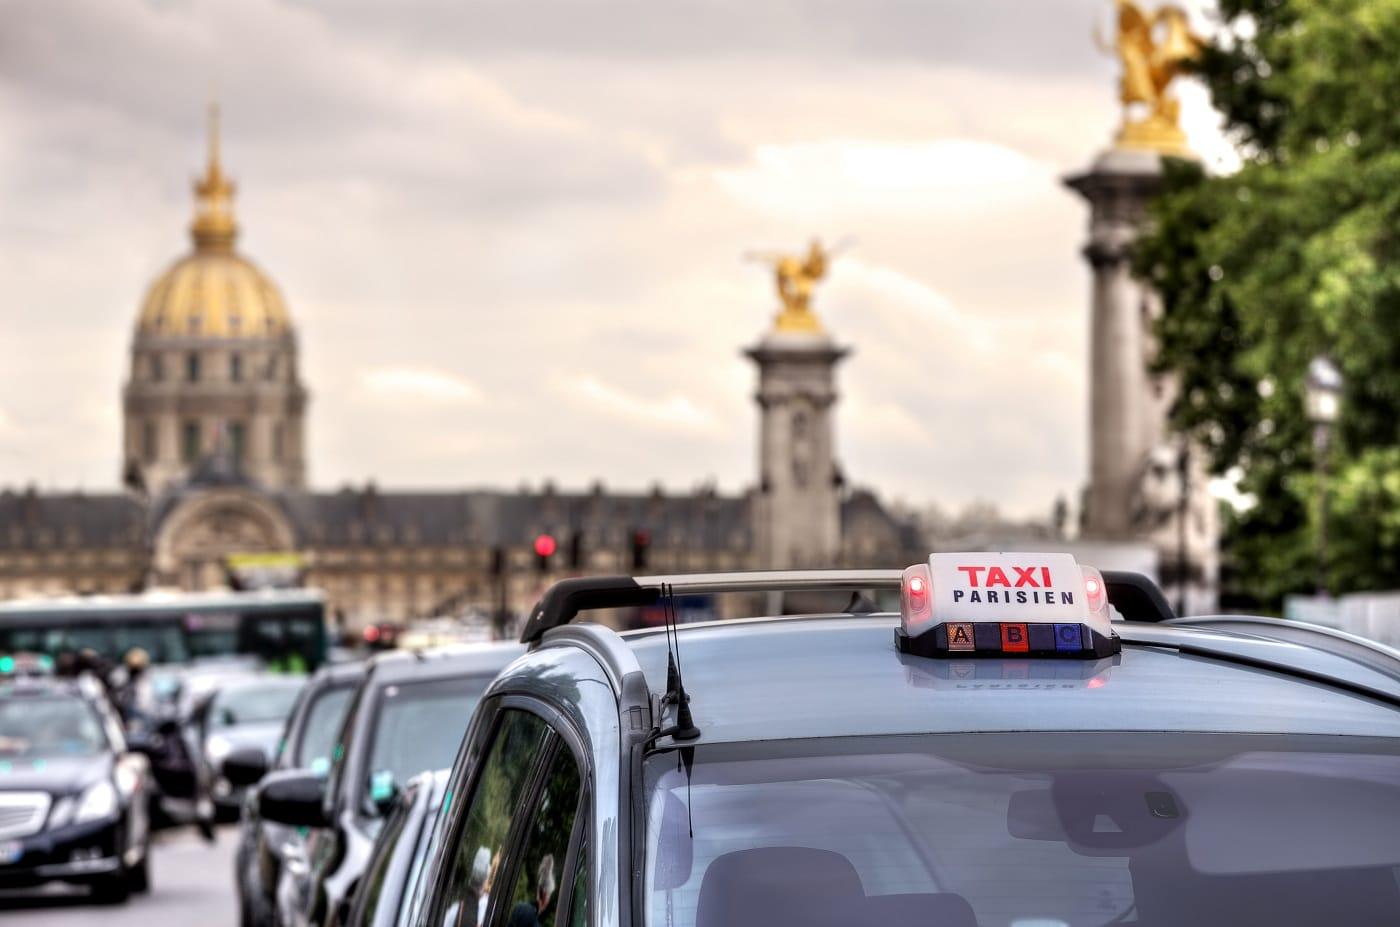 Comparaison et avantage des services liberty trans avec g7 for Garage des taxis g7